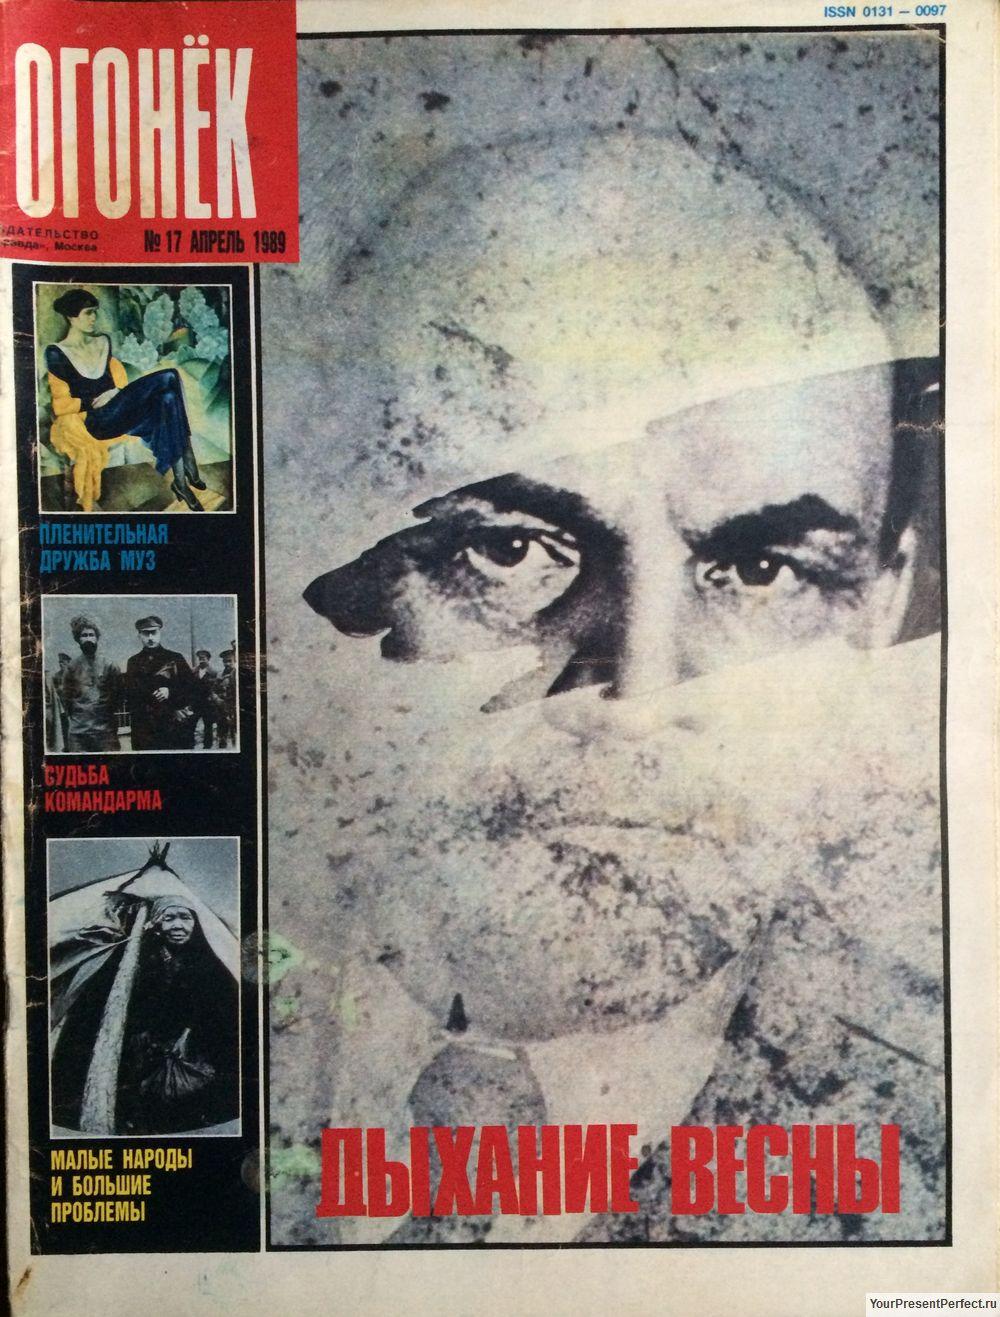 Журнал Огонек №17 апрель 1989